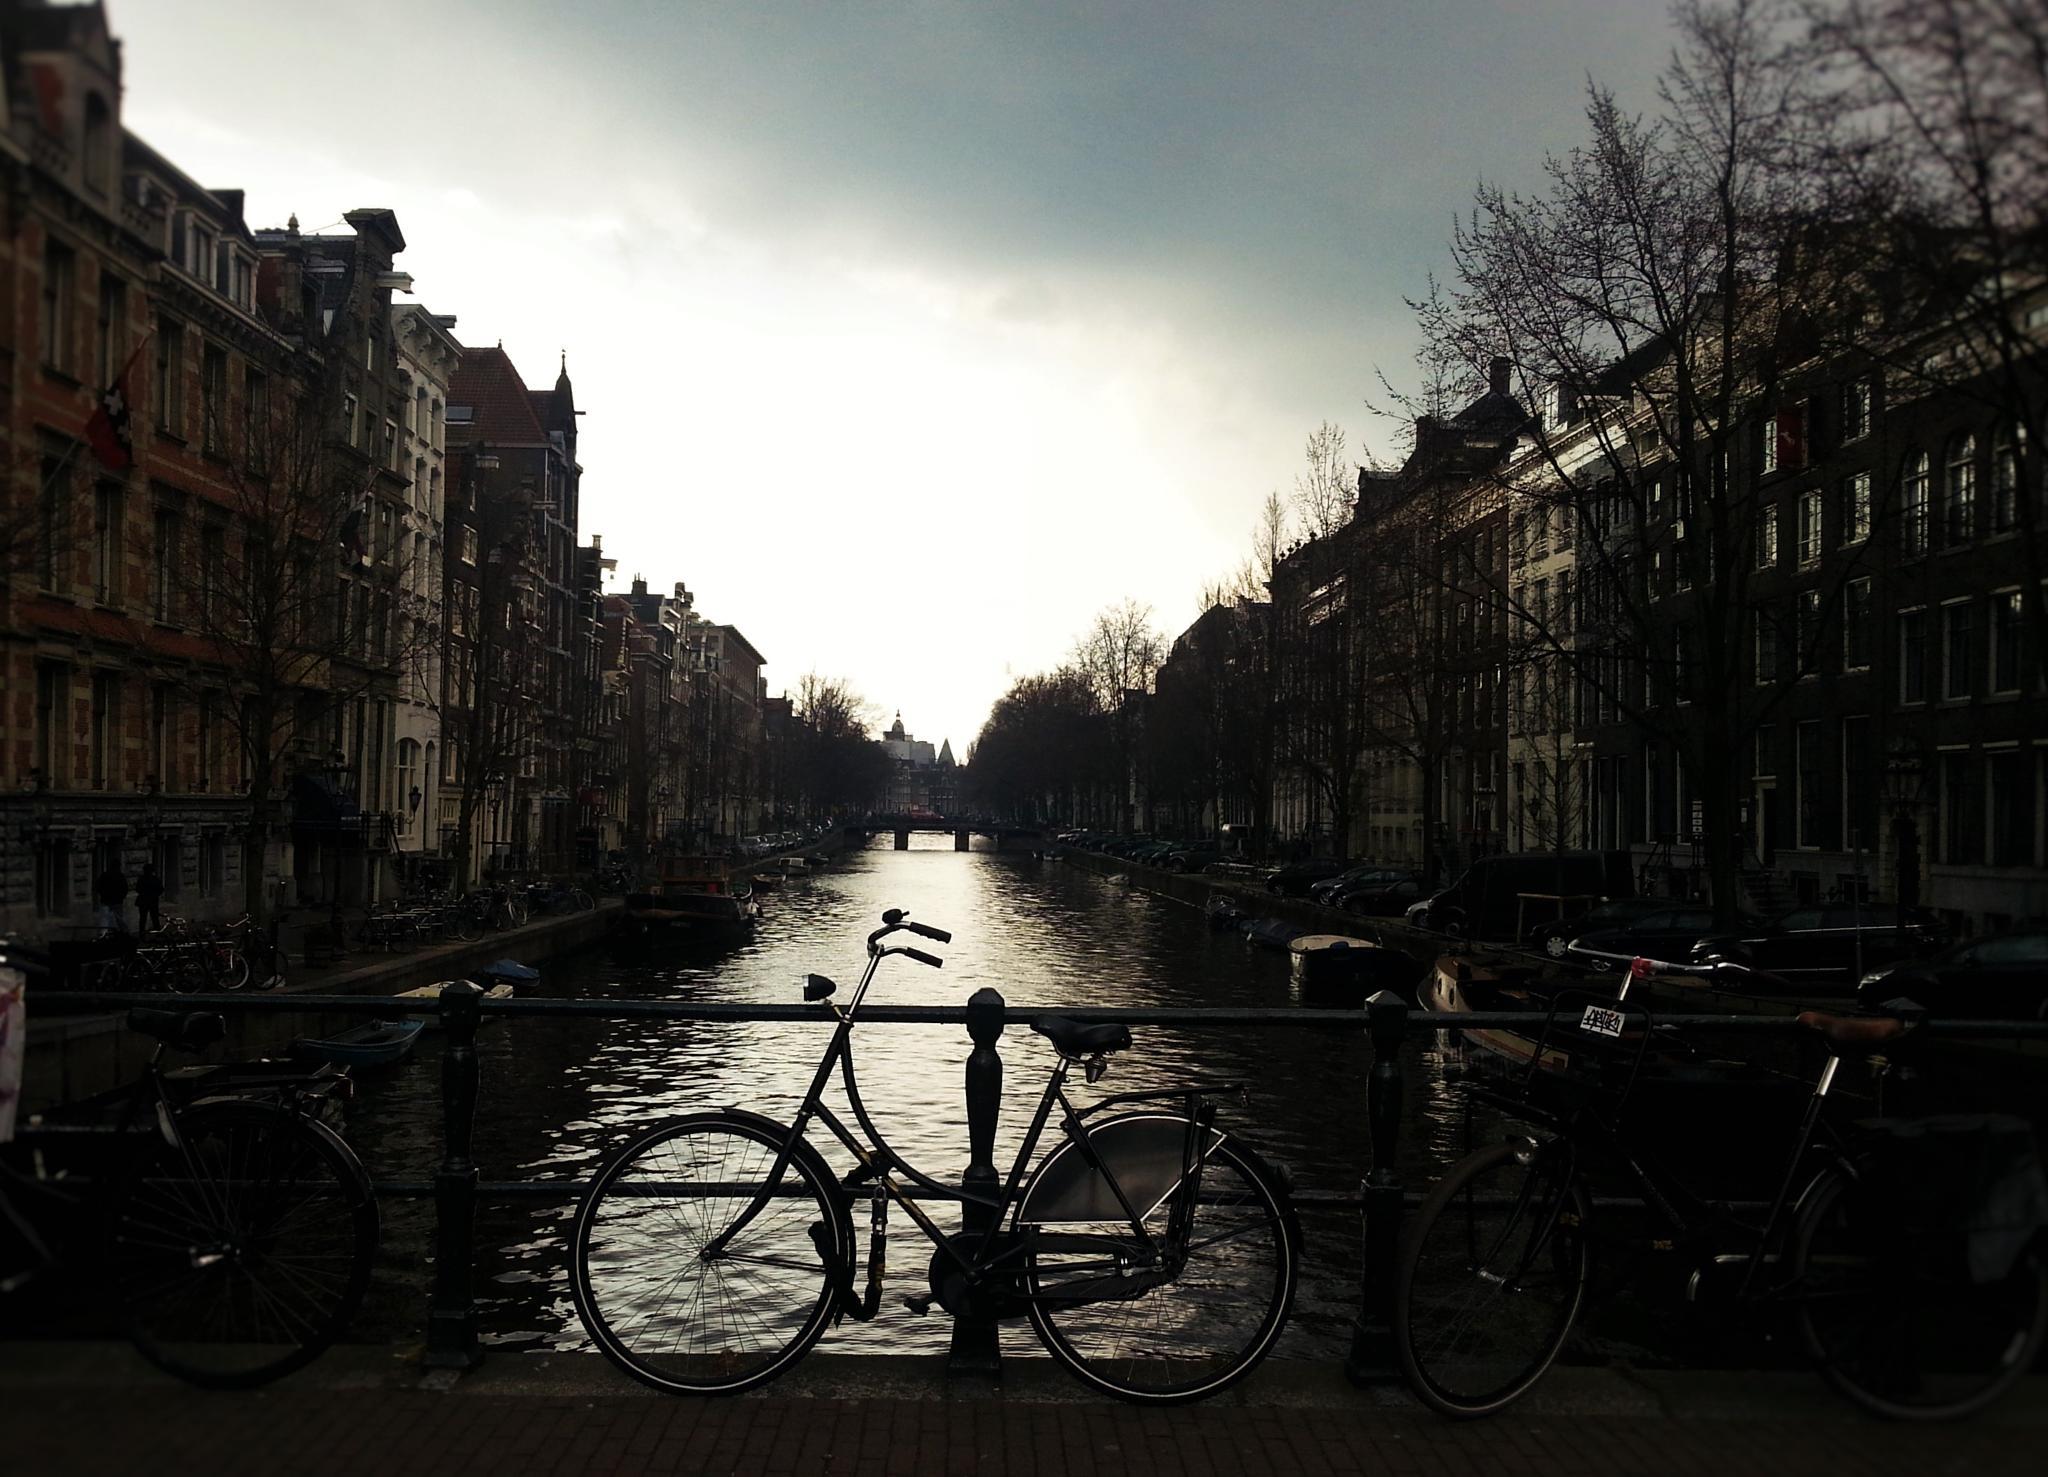 Bicycle in the light by Jeroen van der Mije